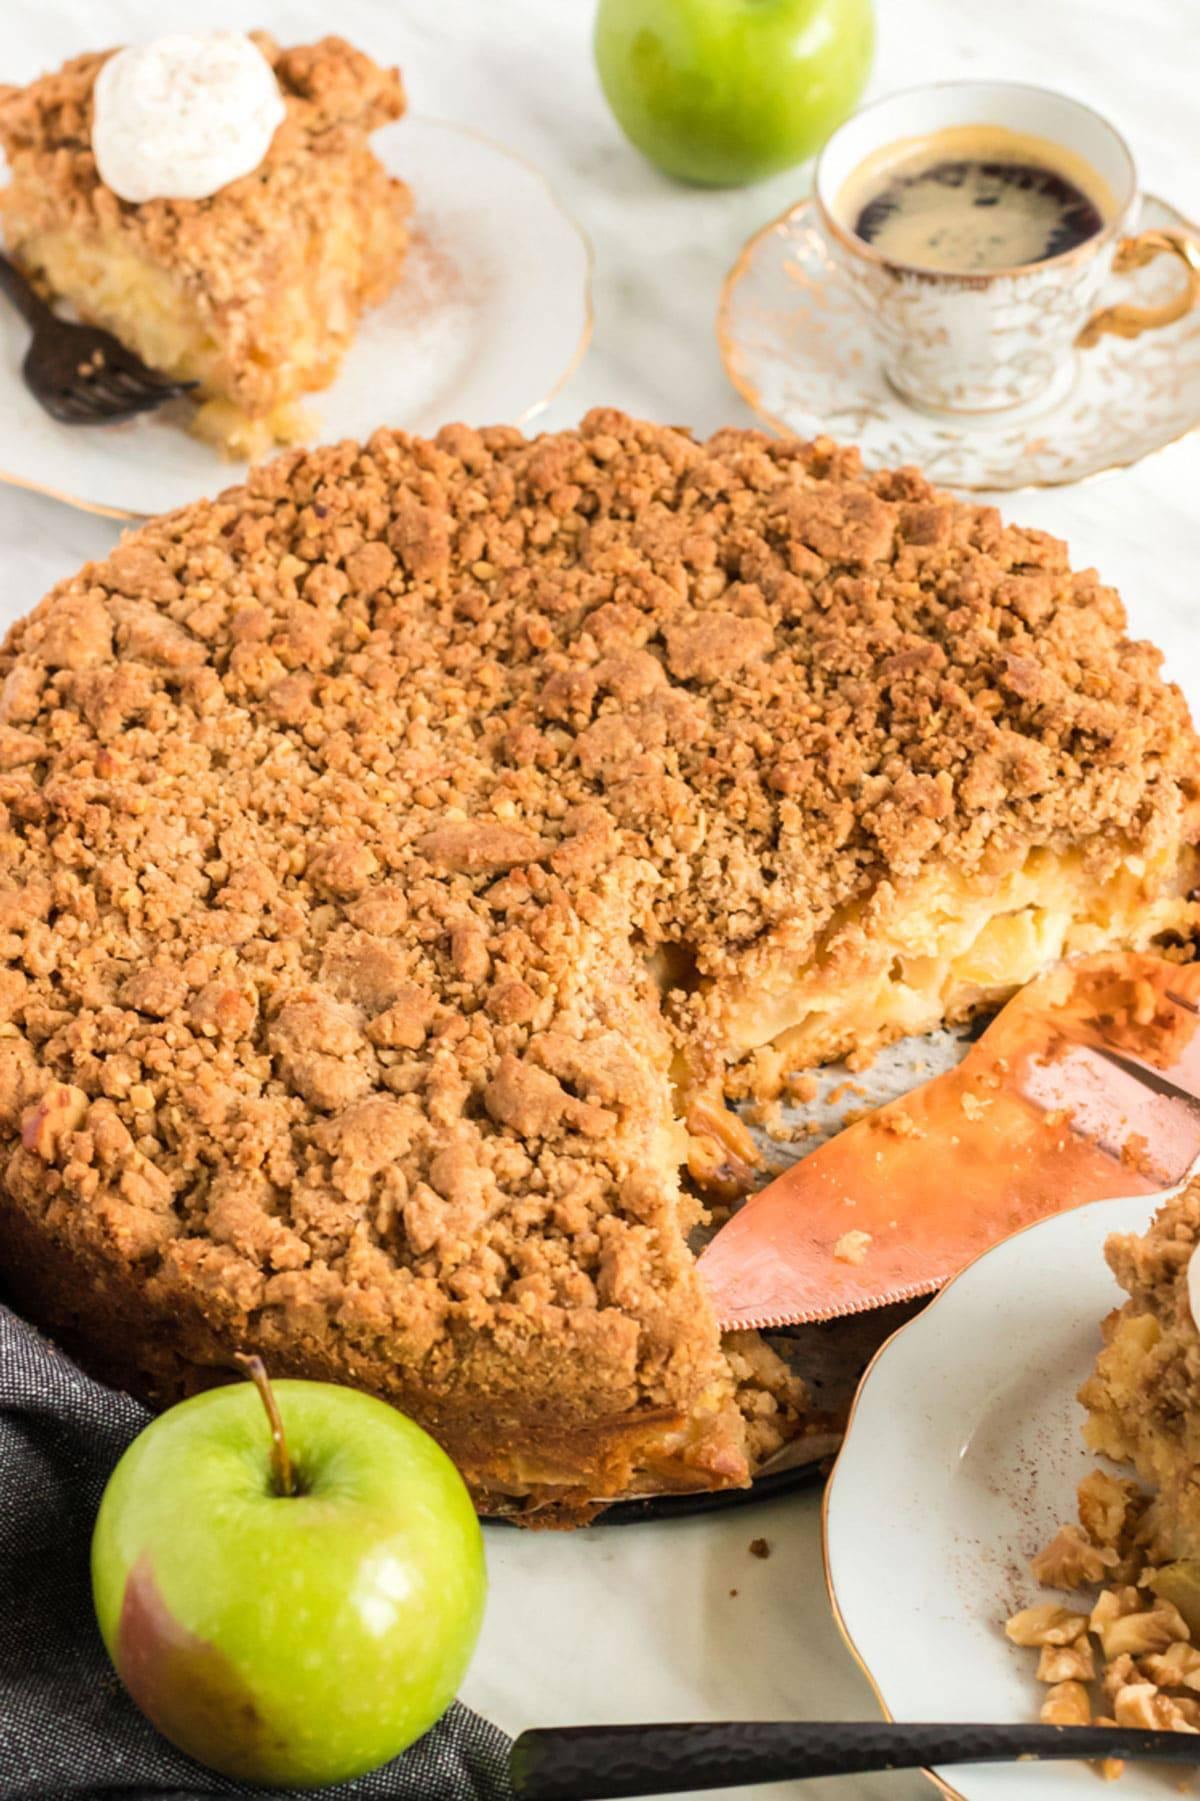 An apple buckle cake on a plate